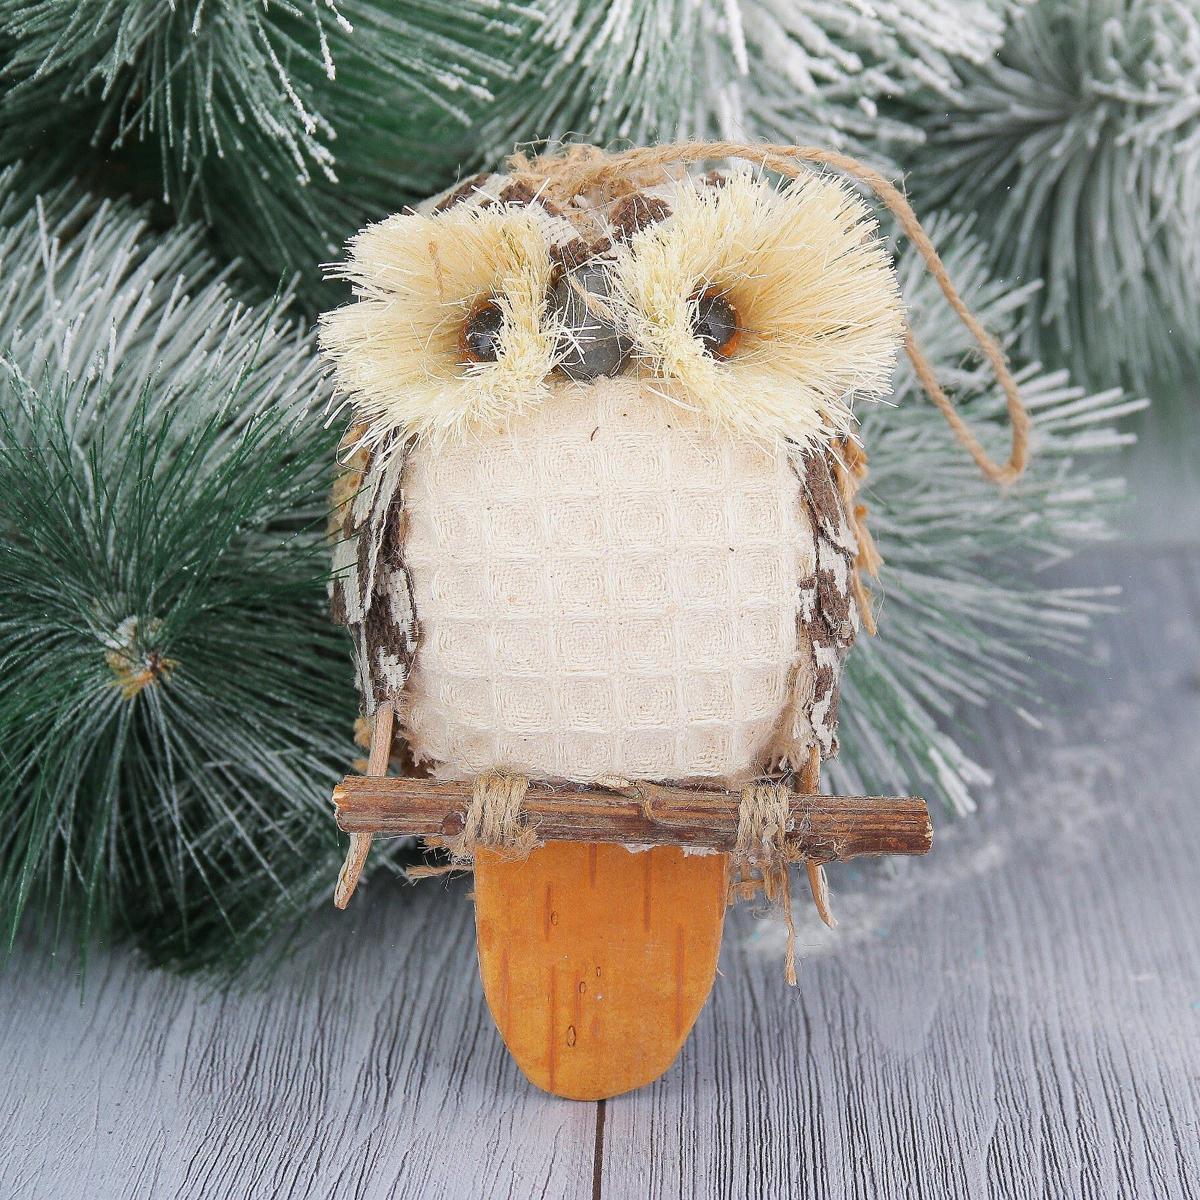 Новогоднее подвесное украшение Совушка, длина 11 см2356989Новогоднее подвесное украшение отлично подойдет для декорации вашего дома и новогодней ели. С помощью специальной петельки украшение можно повесить в любом понравившемся вам месте. Но, конечно, удачнее всего оно будет смотреться на праздничной елке.Елочная игрушка - символ Нового года. Она несет в себе волшебство и красоту праздника. Такое украшение создаст в вашем доме атмосферу праздника, веселья и радости.